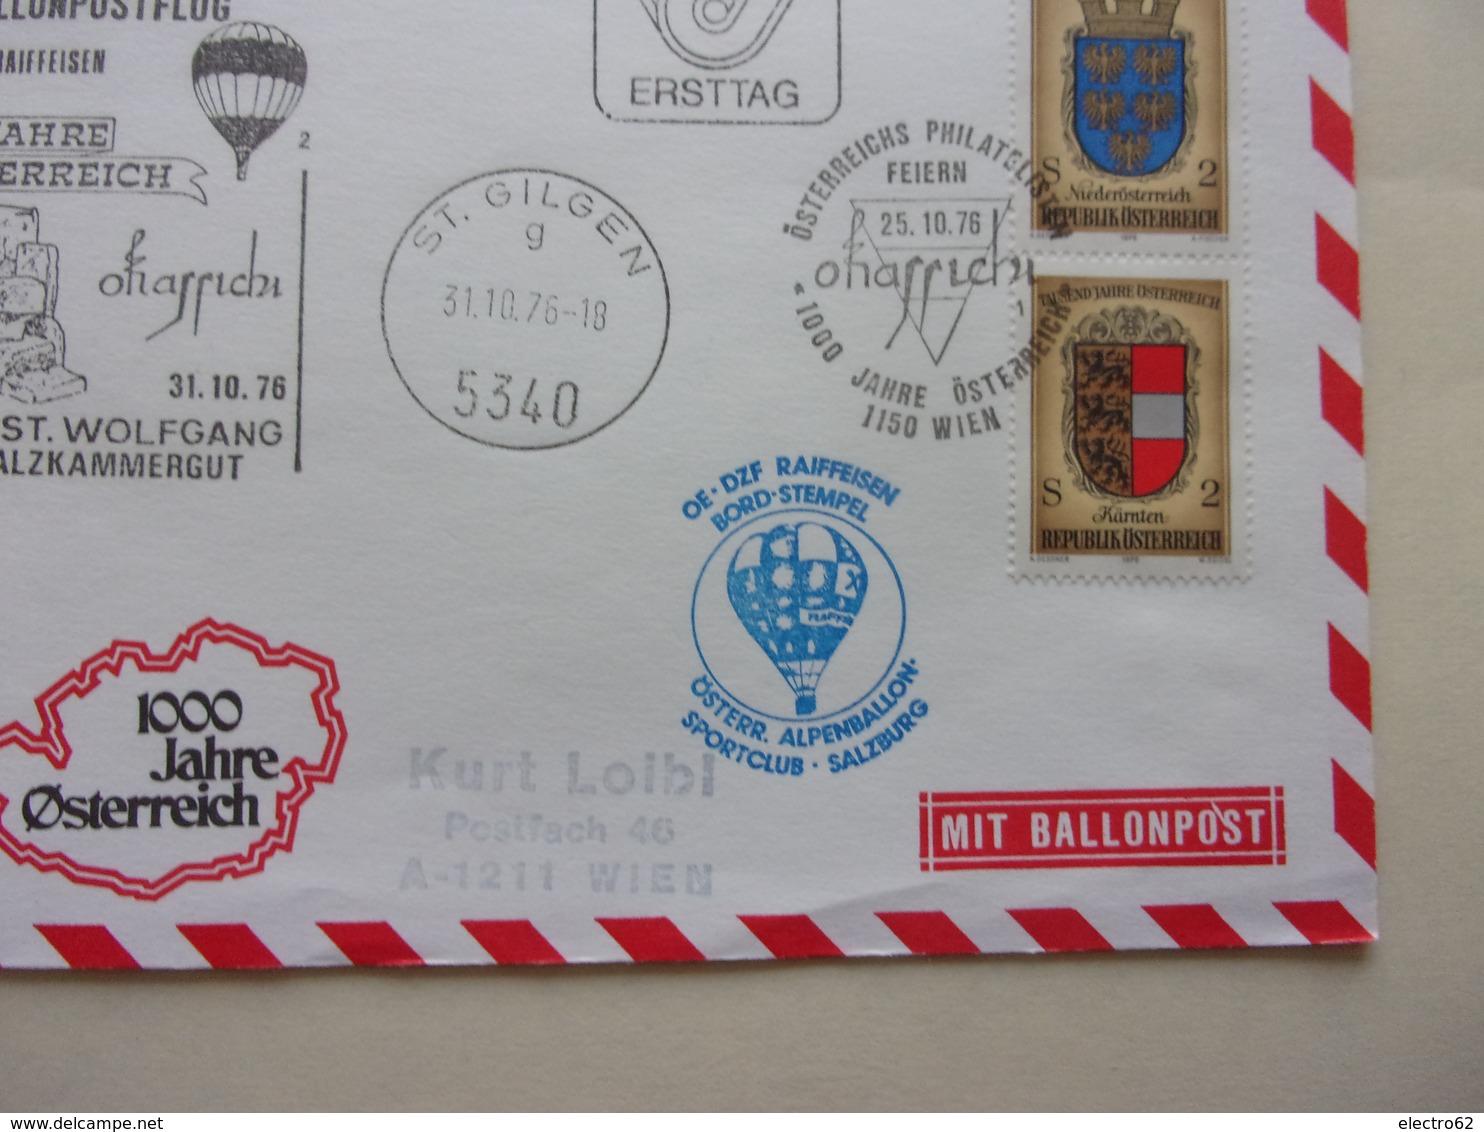 Enveloppe Montgolfiéres, Ballonpost, Les 1000 Ans De L'Autriche Österreich MIT BALLONPOST - Montgolfières